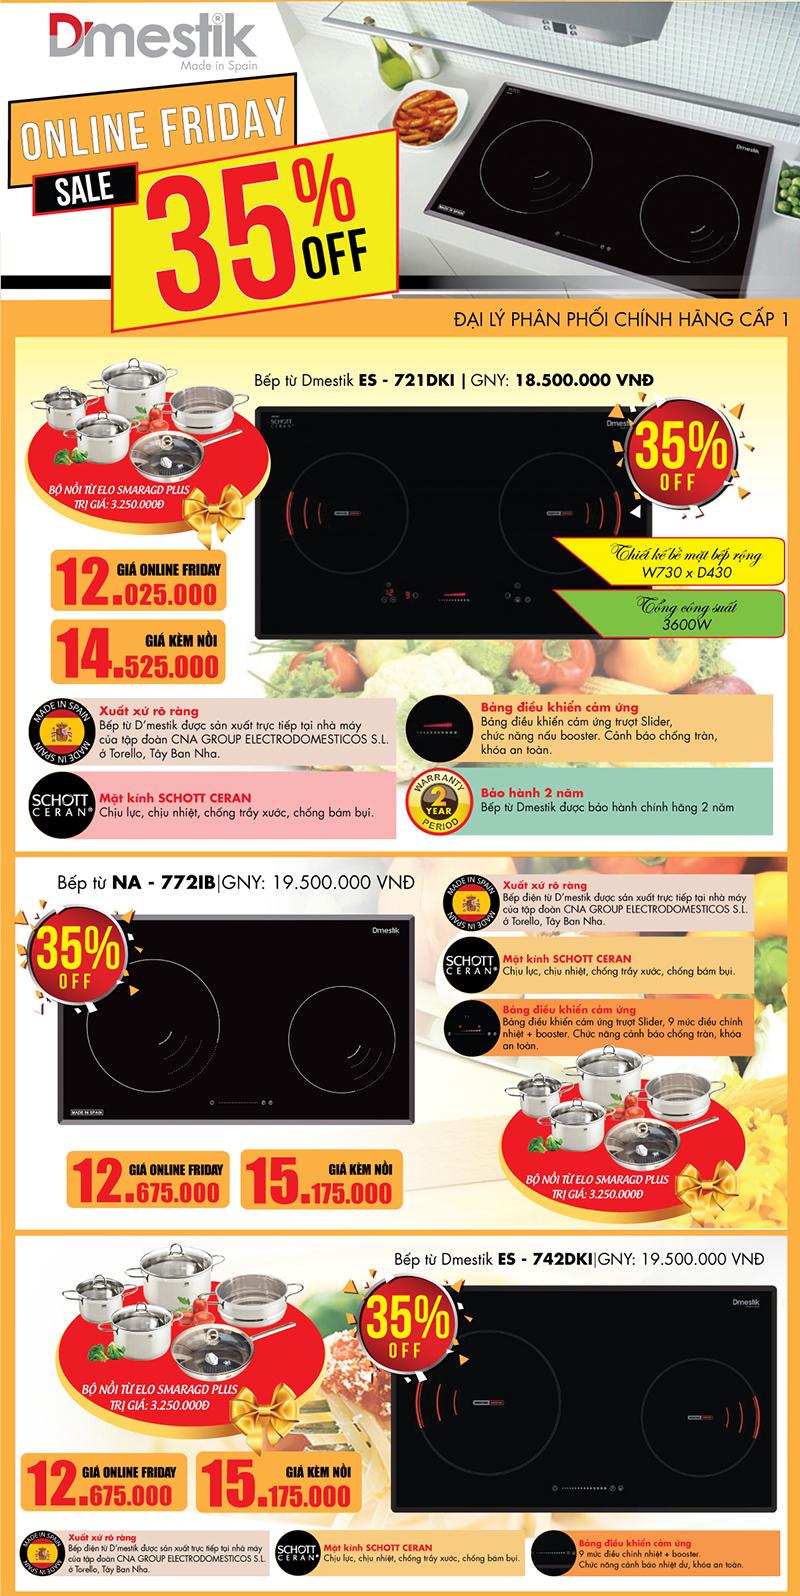 Khuyến mại lớn bếp từ D'mestik nhân ngày hội mua sắm trực tuyến online Friday